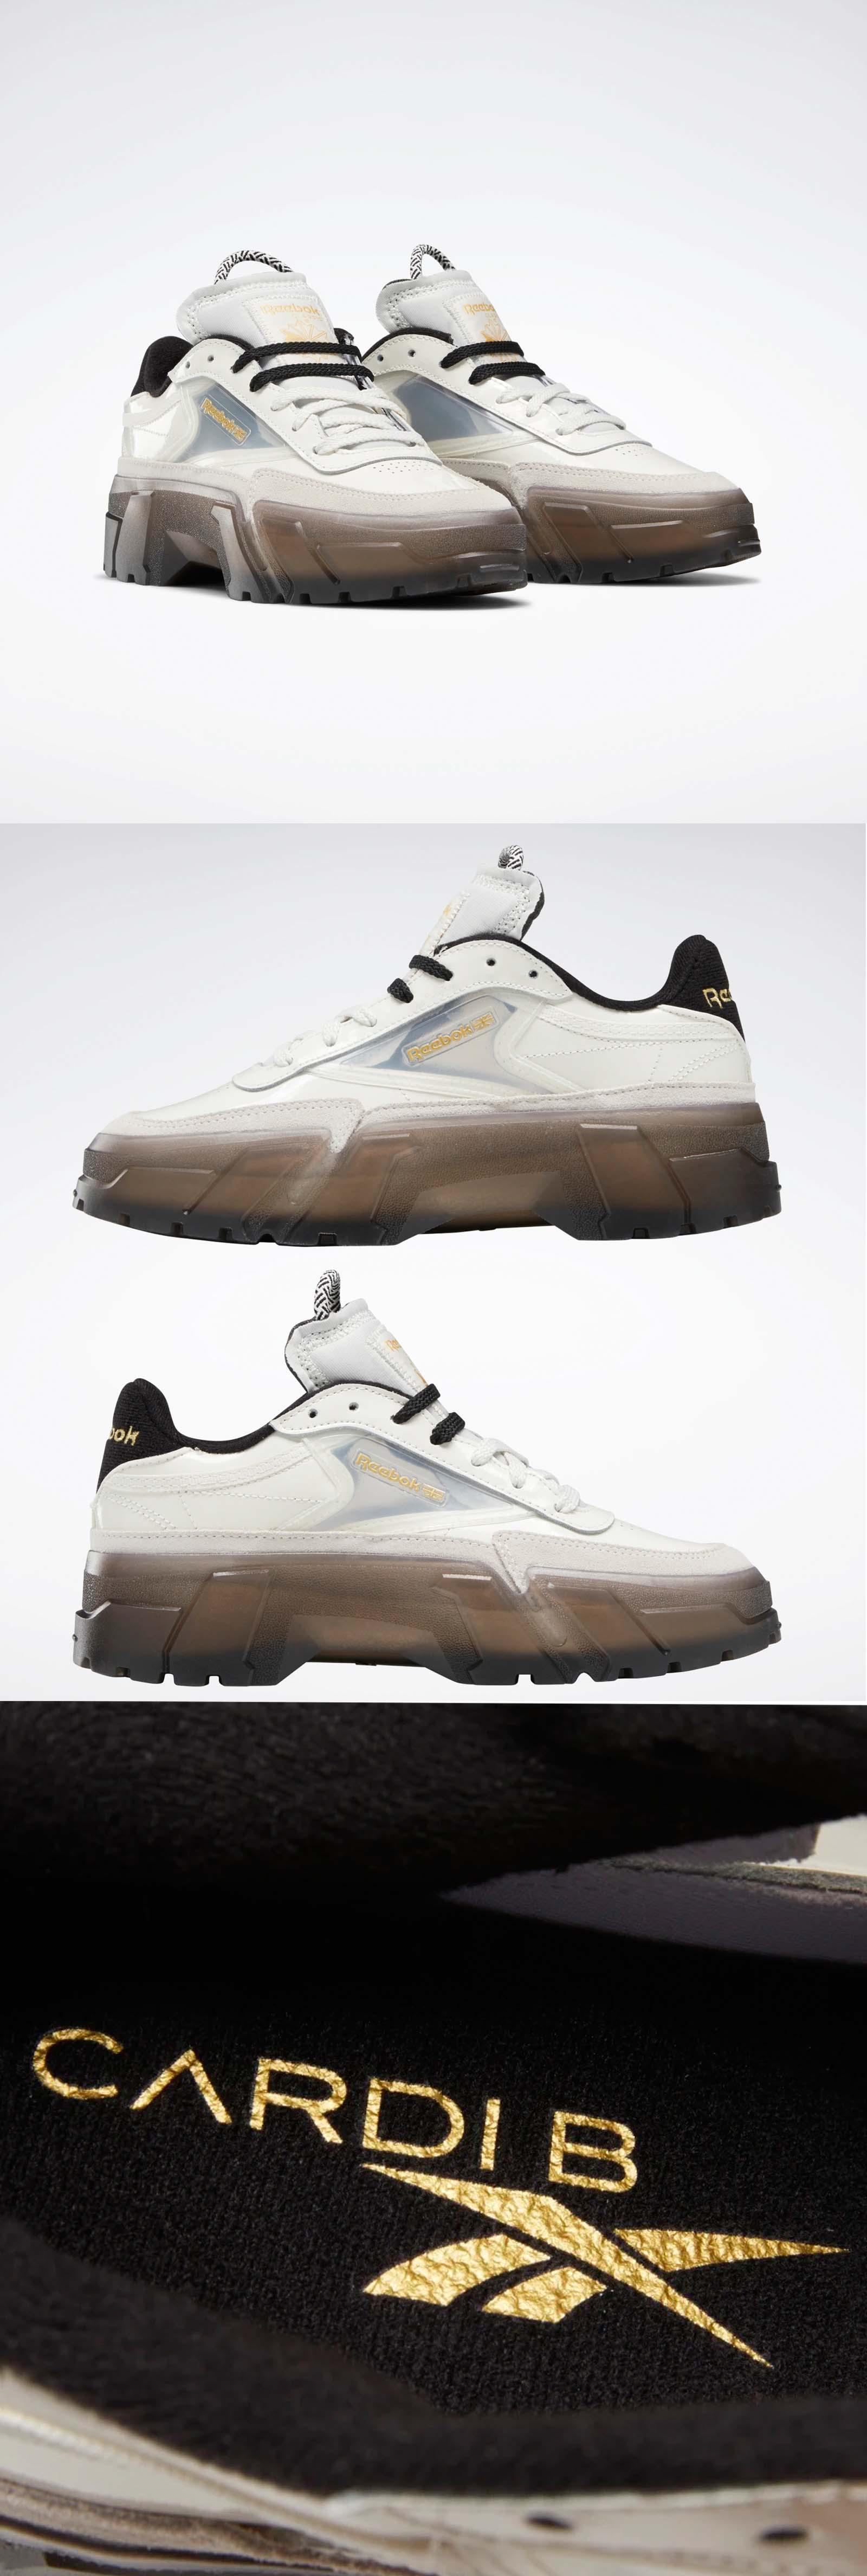 Nike präsentiert neuen selbstschnürenden Sneaker |